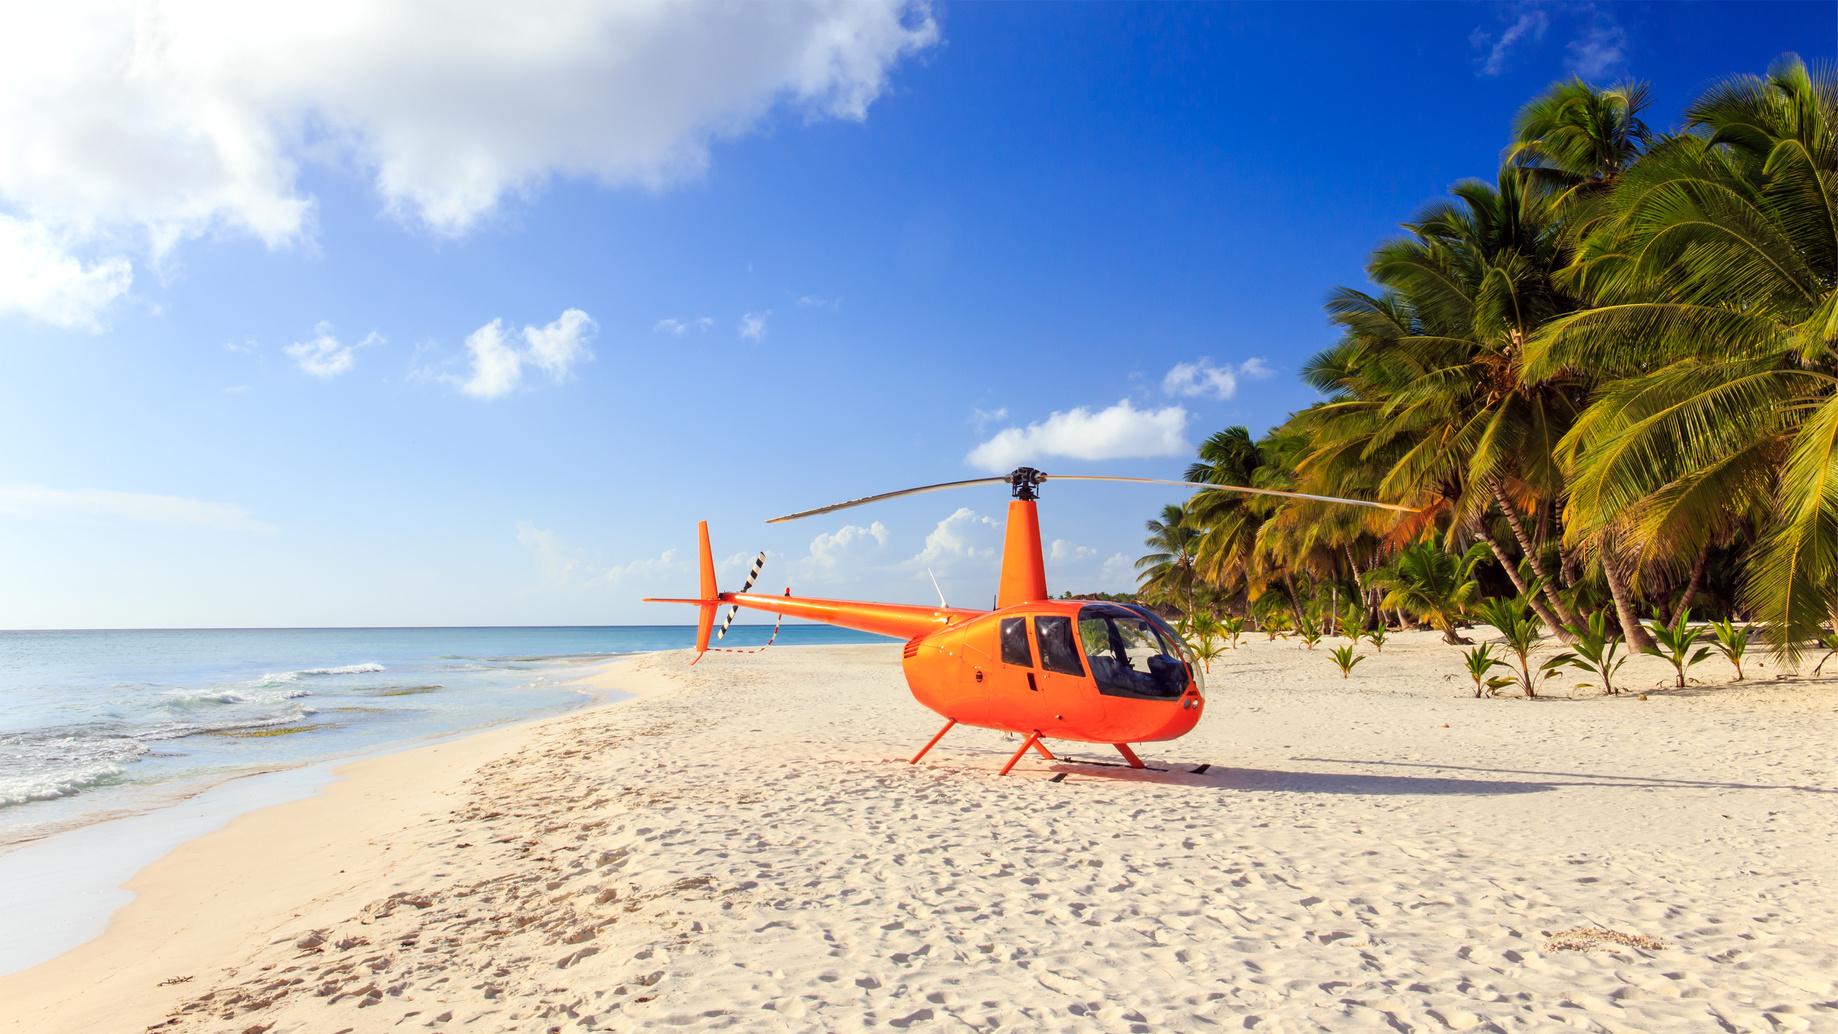 Онлайн бронирование авиабилетов — спасательный круг для туриста